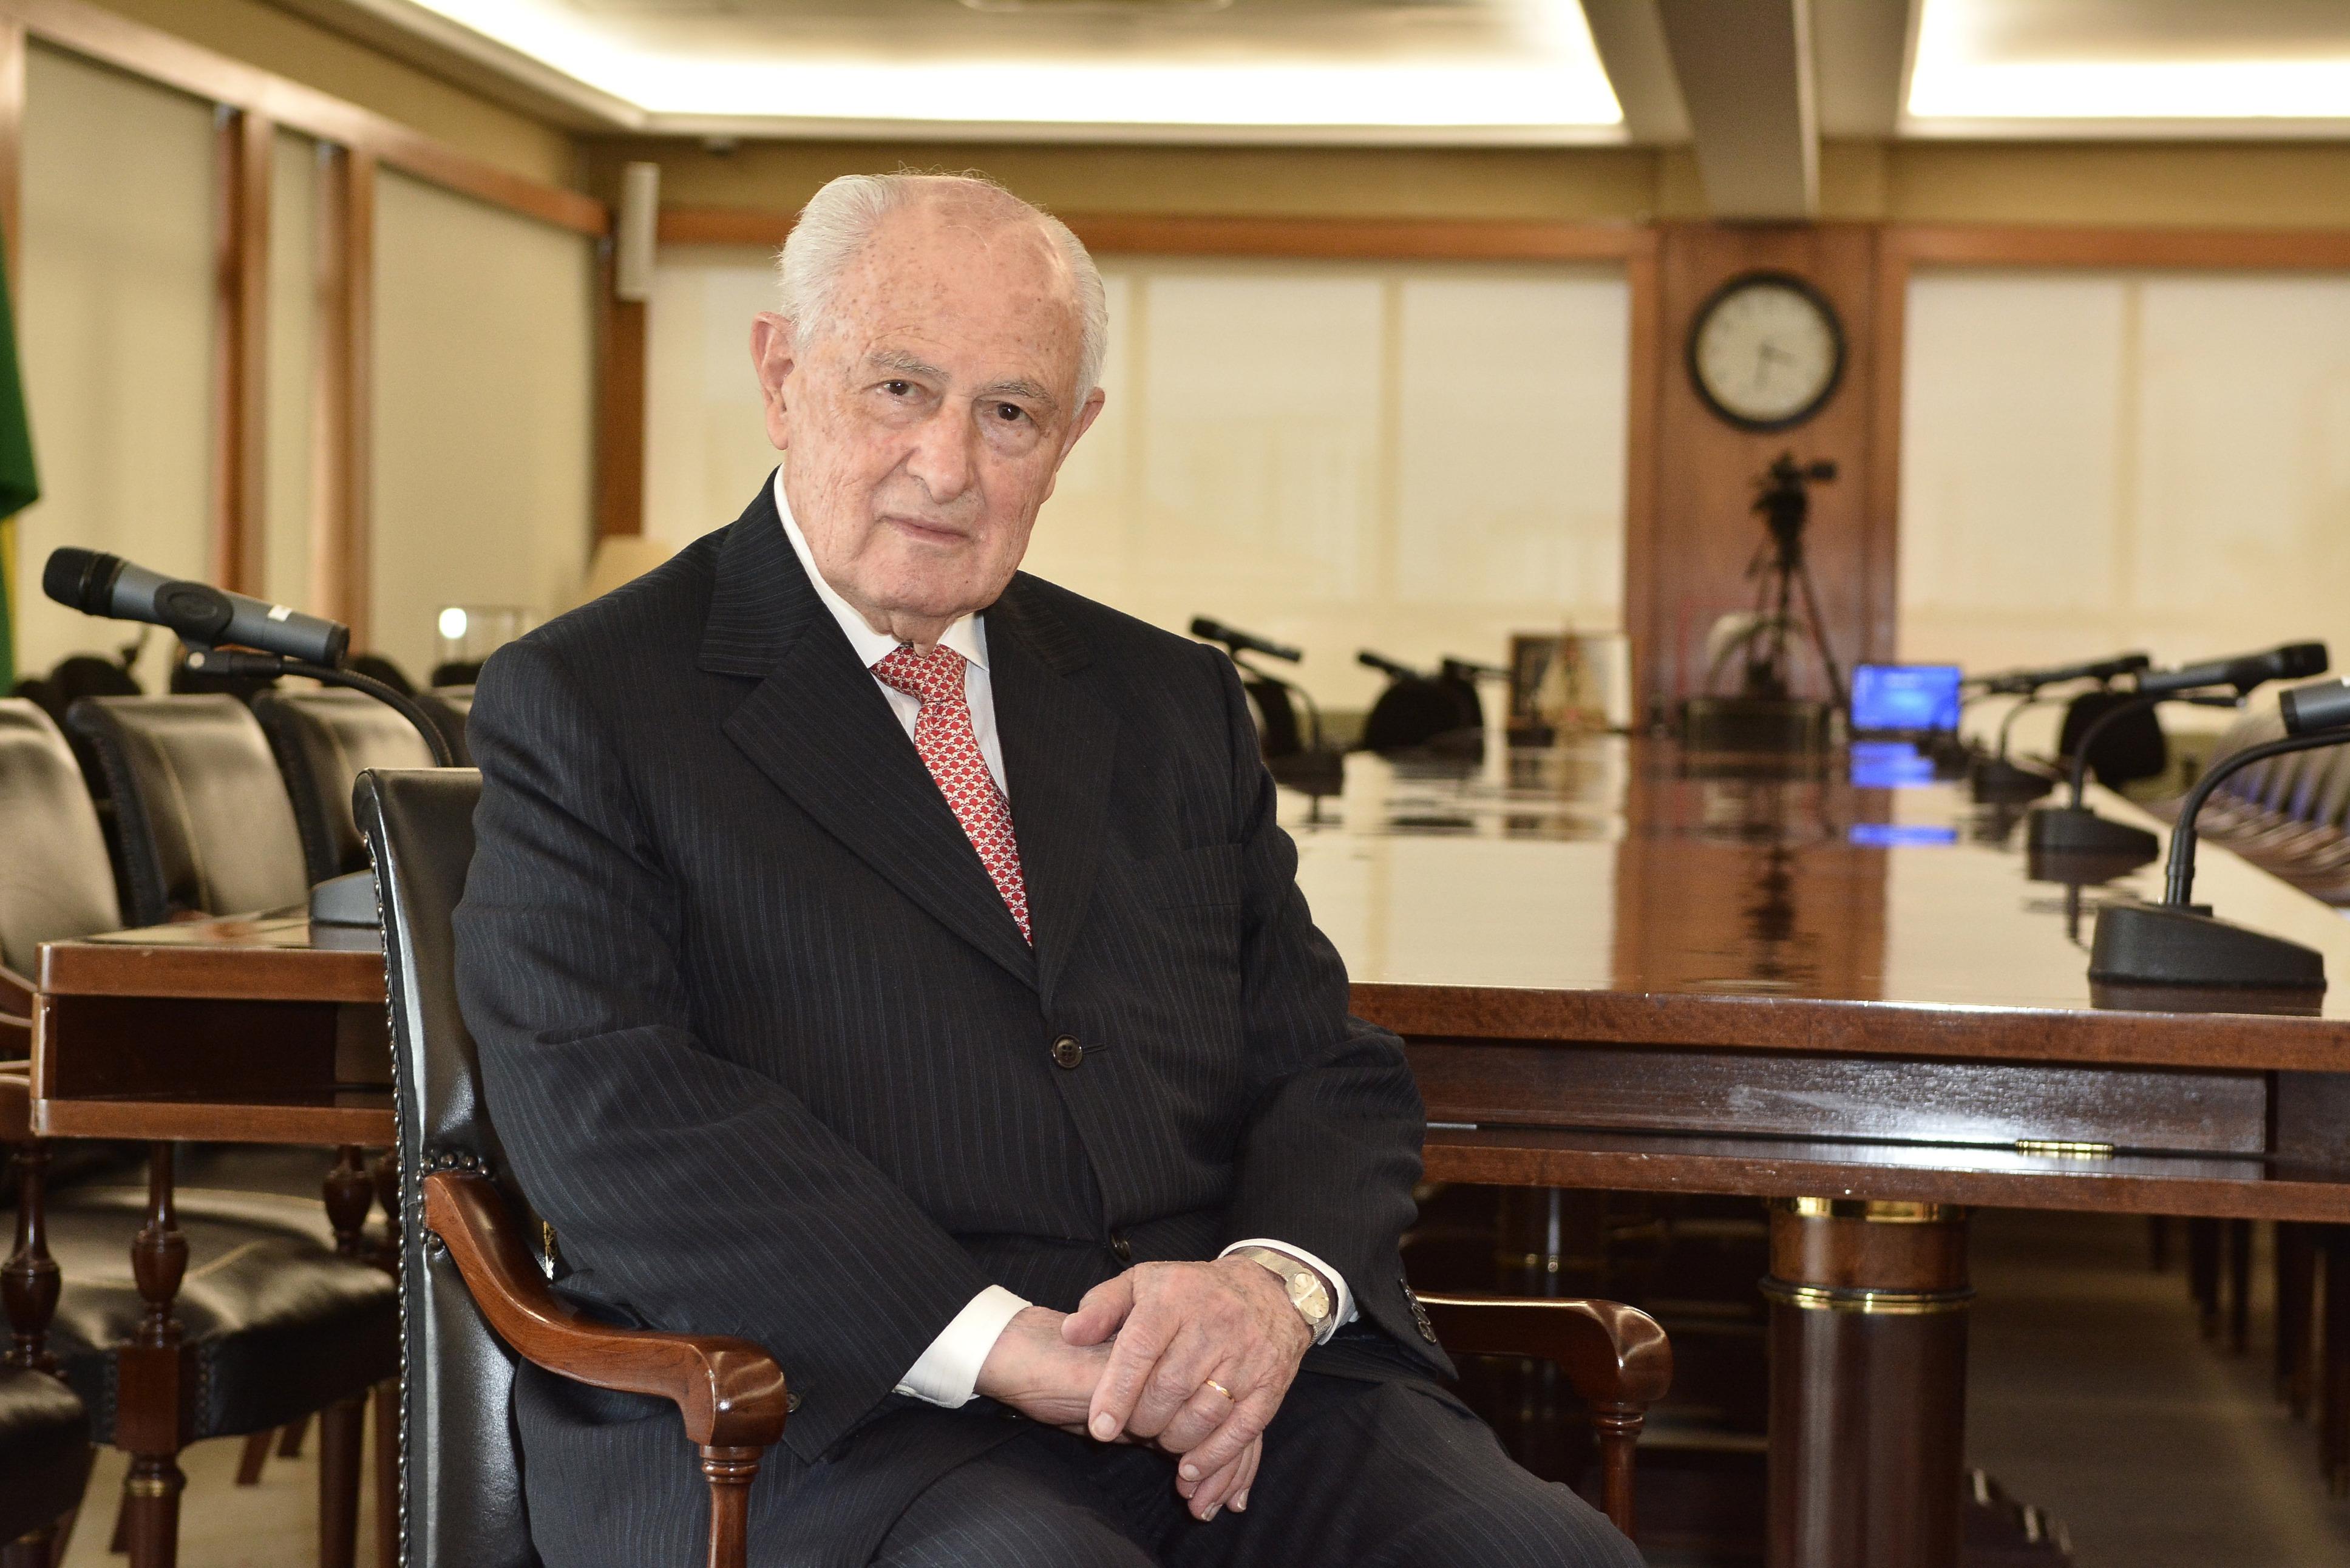 Lázaro de Mello Brandão, ex-presidente do Conselho do Bradesco.